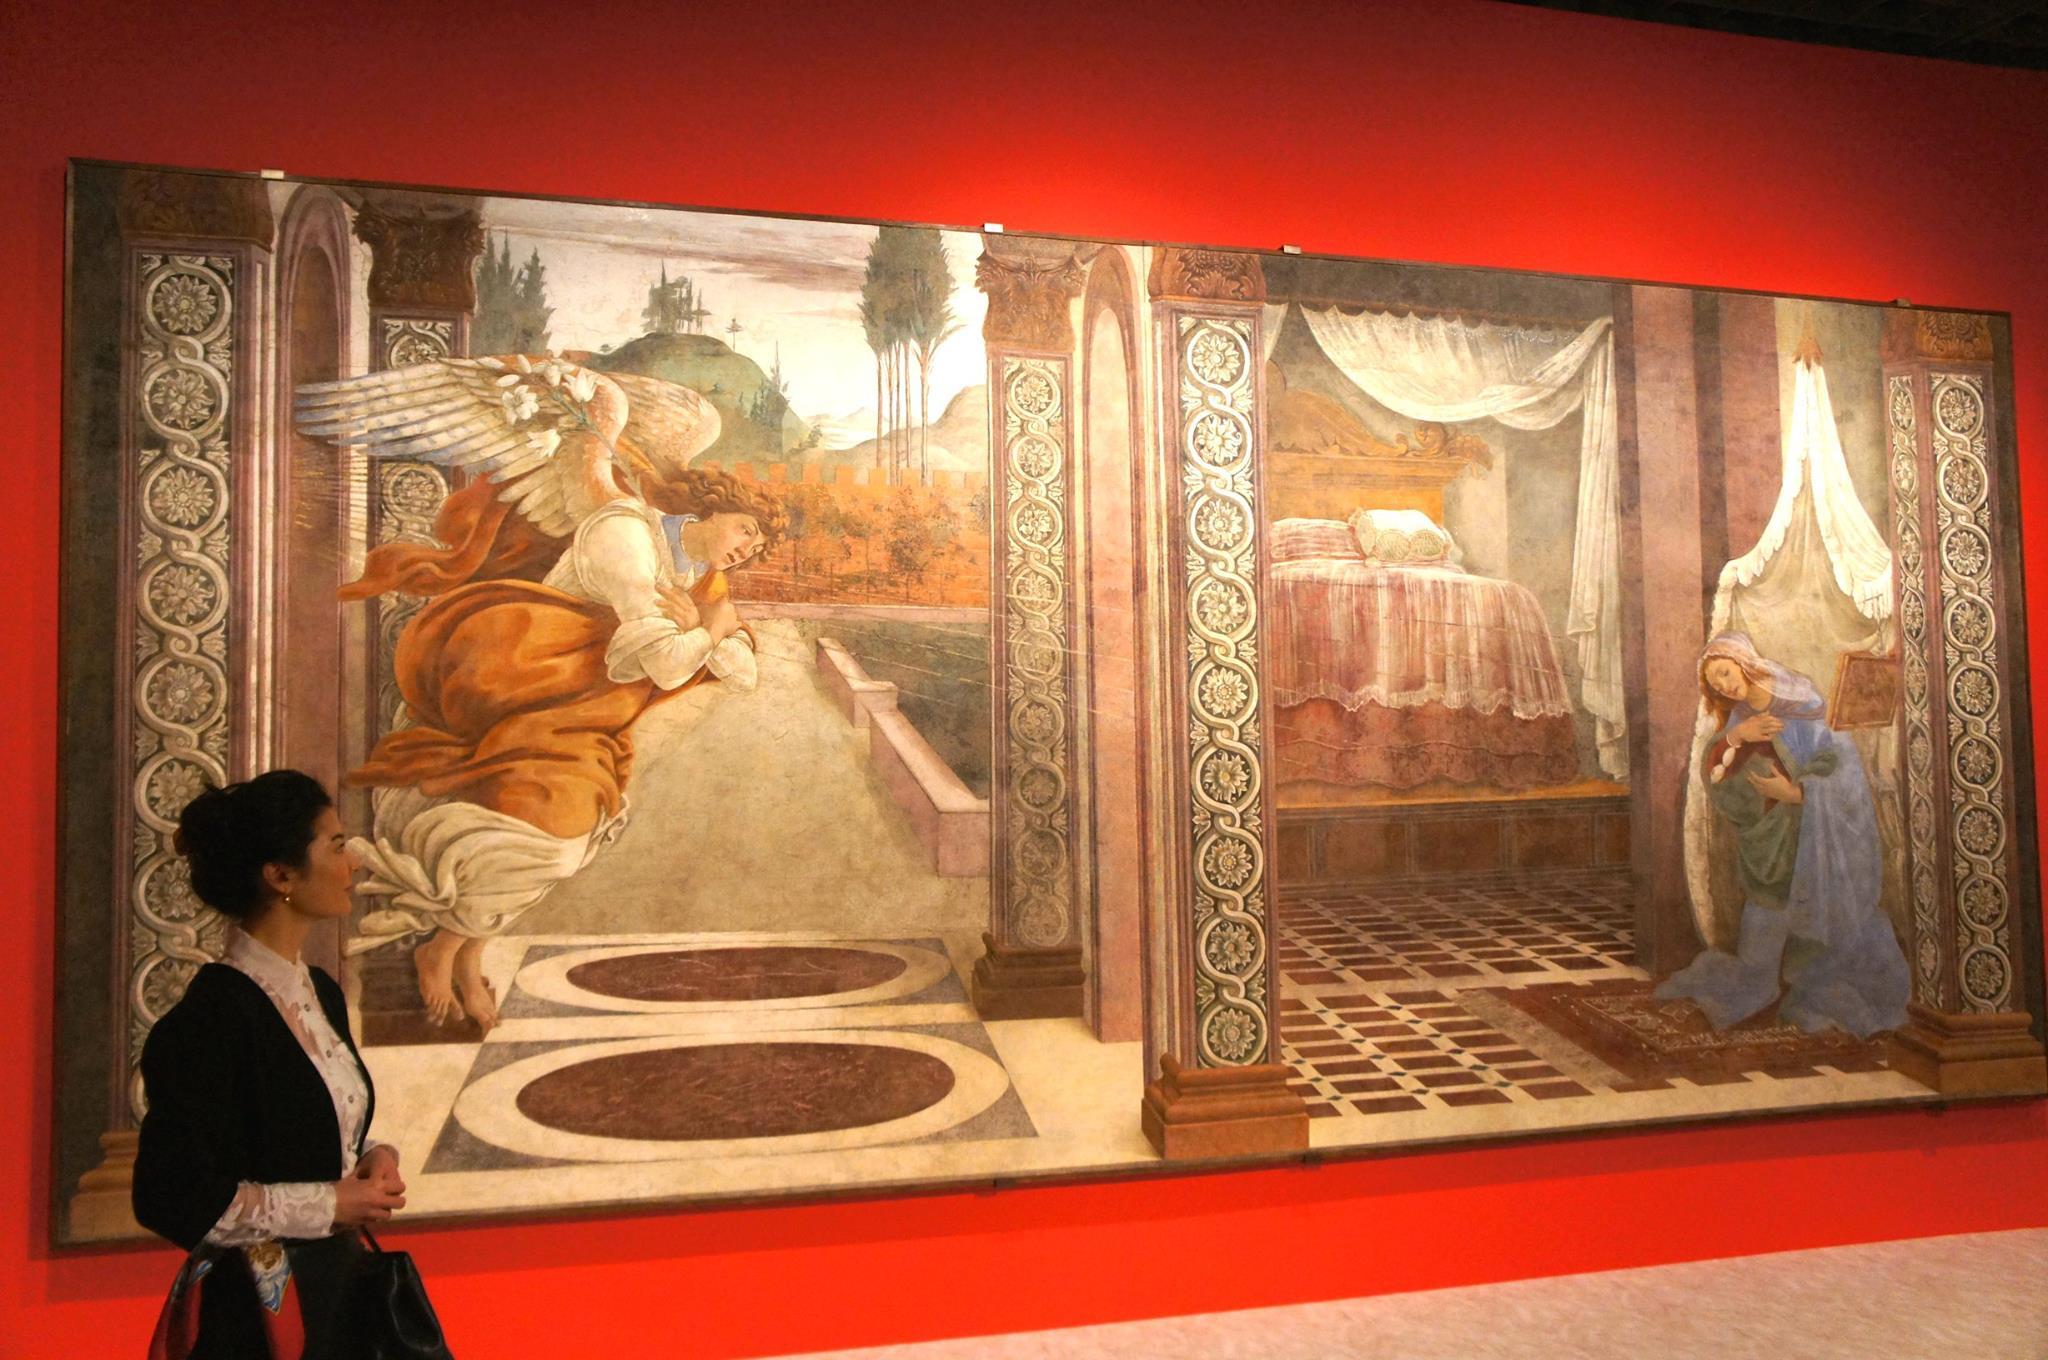 『ボッティチェリとルネサンス フィレンツェの富と美』をより楽しむために ~ルネサンス期の経済と芸術発